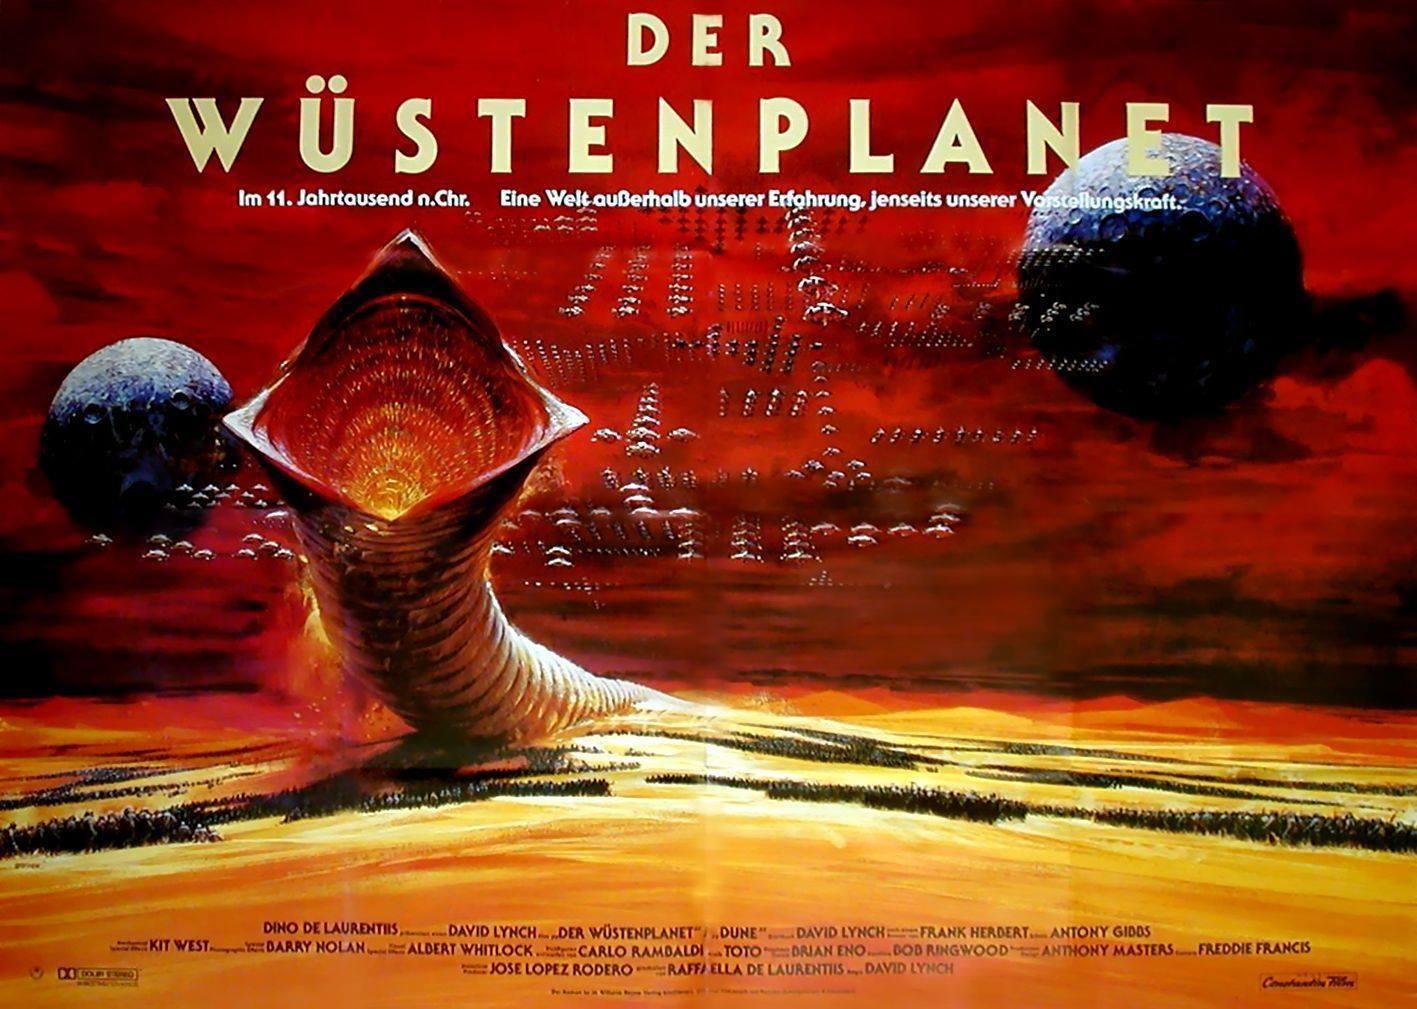 Dune Der Wüstenplanet 2000 Stream